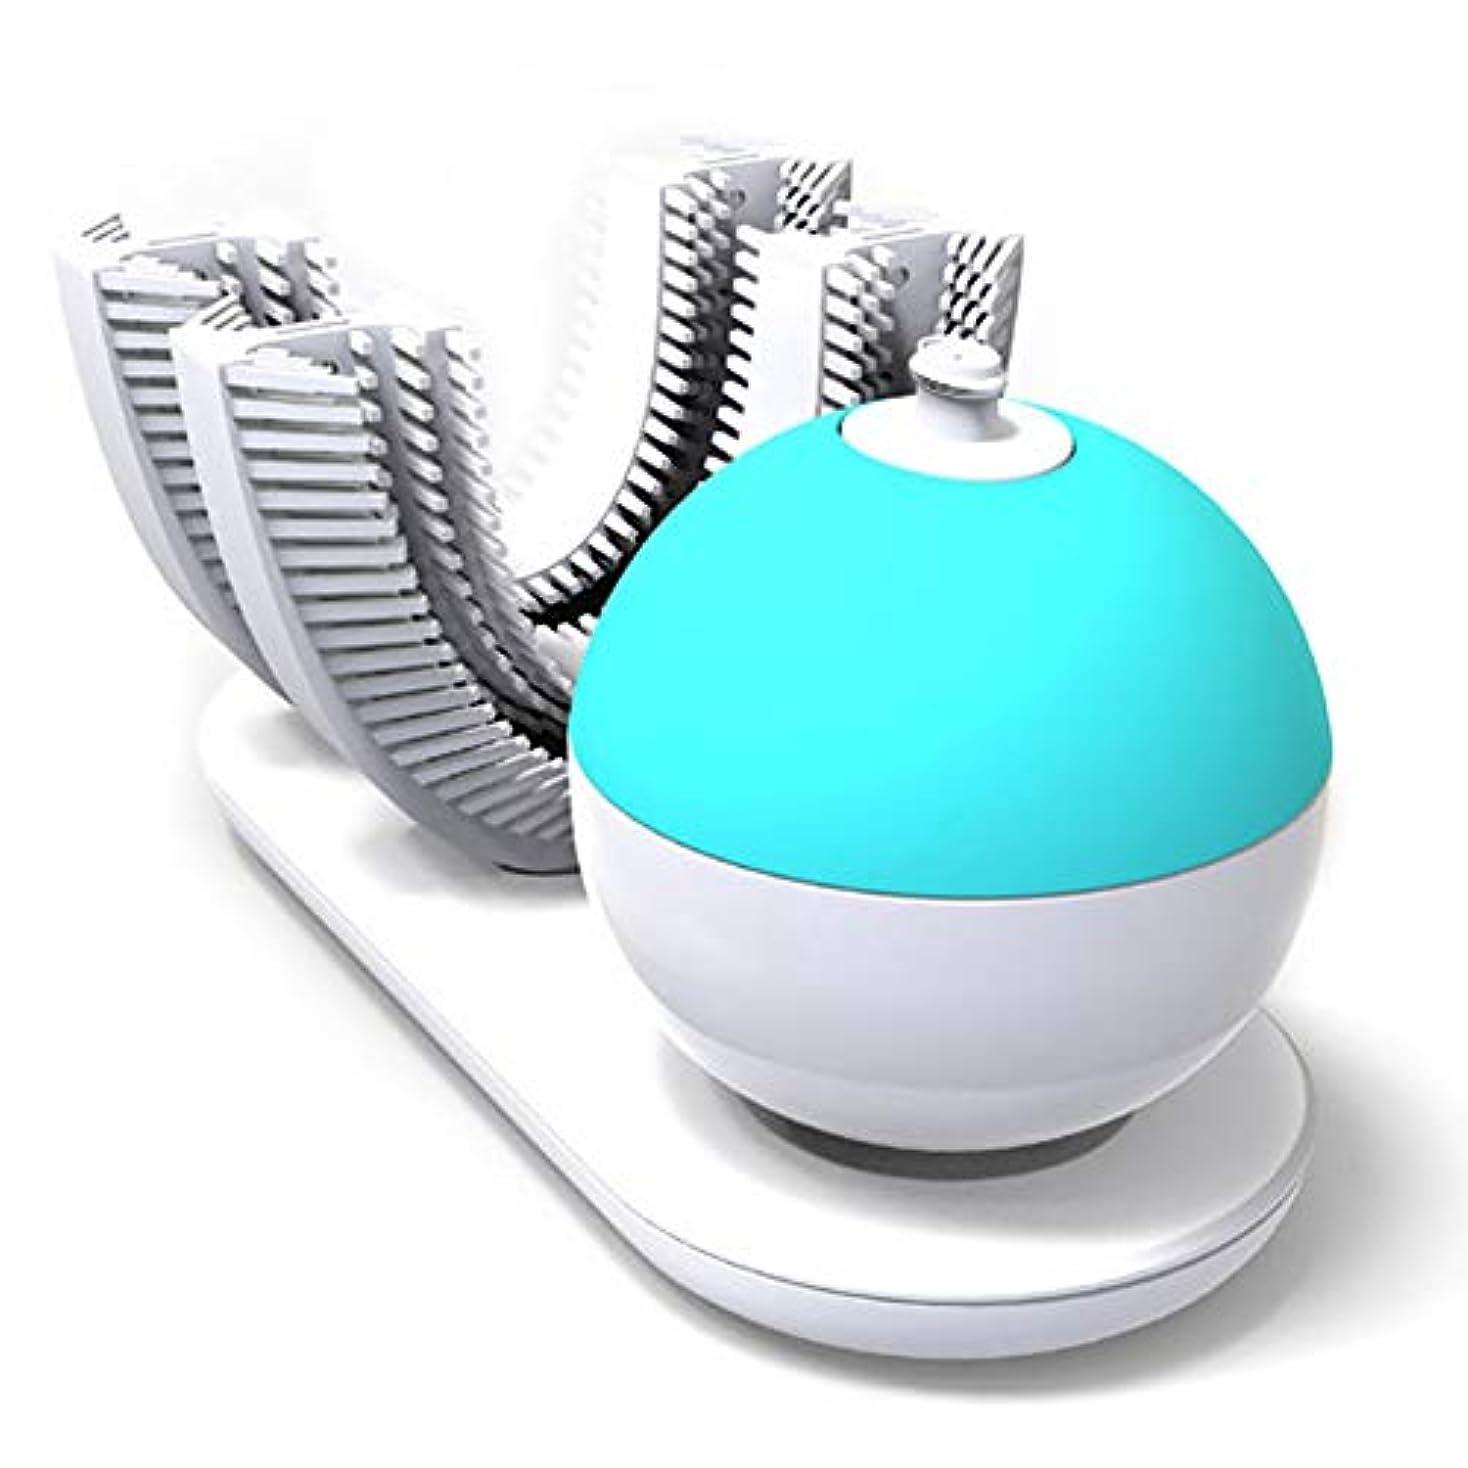 大事にする陽気な問い合わせるフルオートマチック可変周波数電動歯ブラシ、自動360度U字型電動歯ブラシ、ワイヤレス充電IPX7防水自動歯ブラシ(大人用)